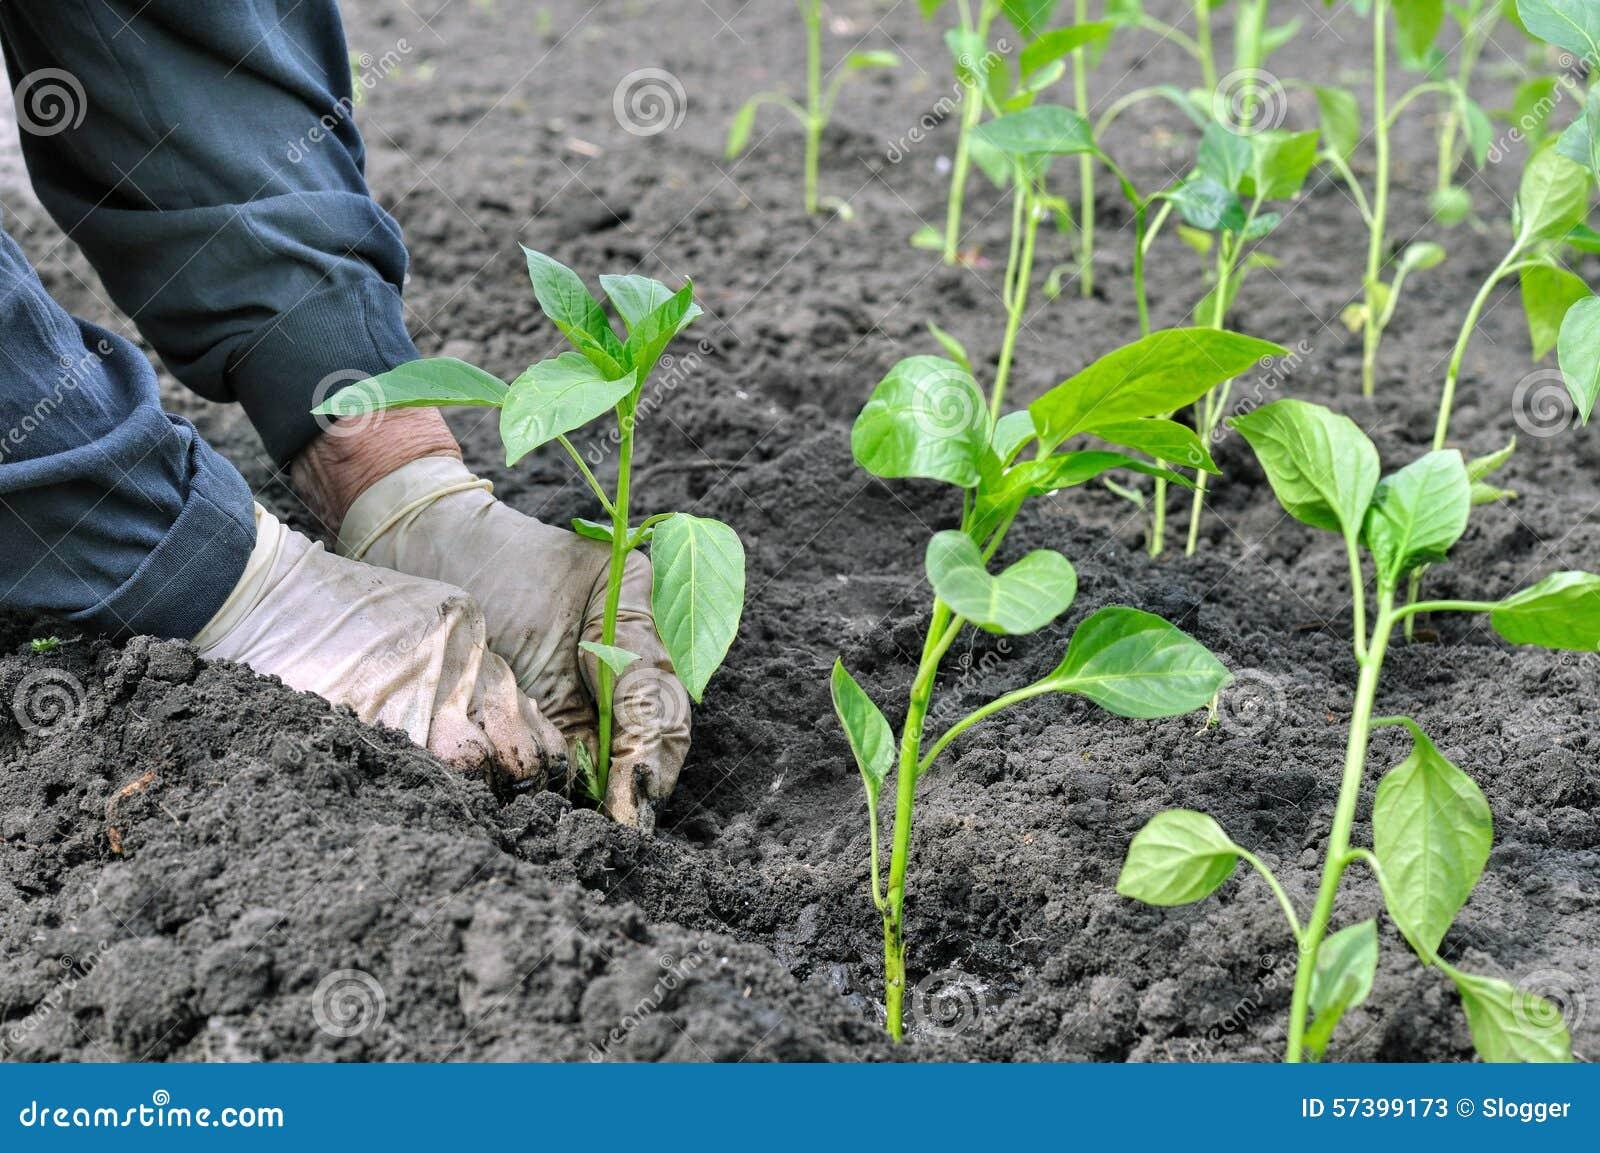 Farmer planting a pepper seedling stock photo image 57399173 - Planting pepper garden ...